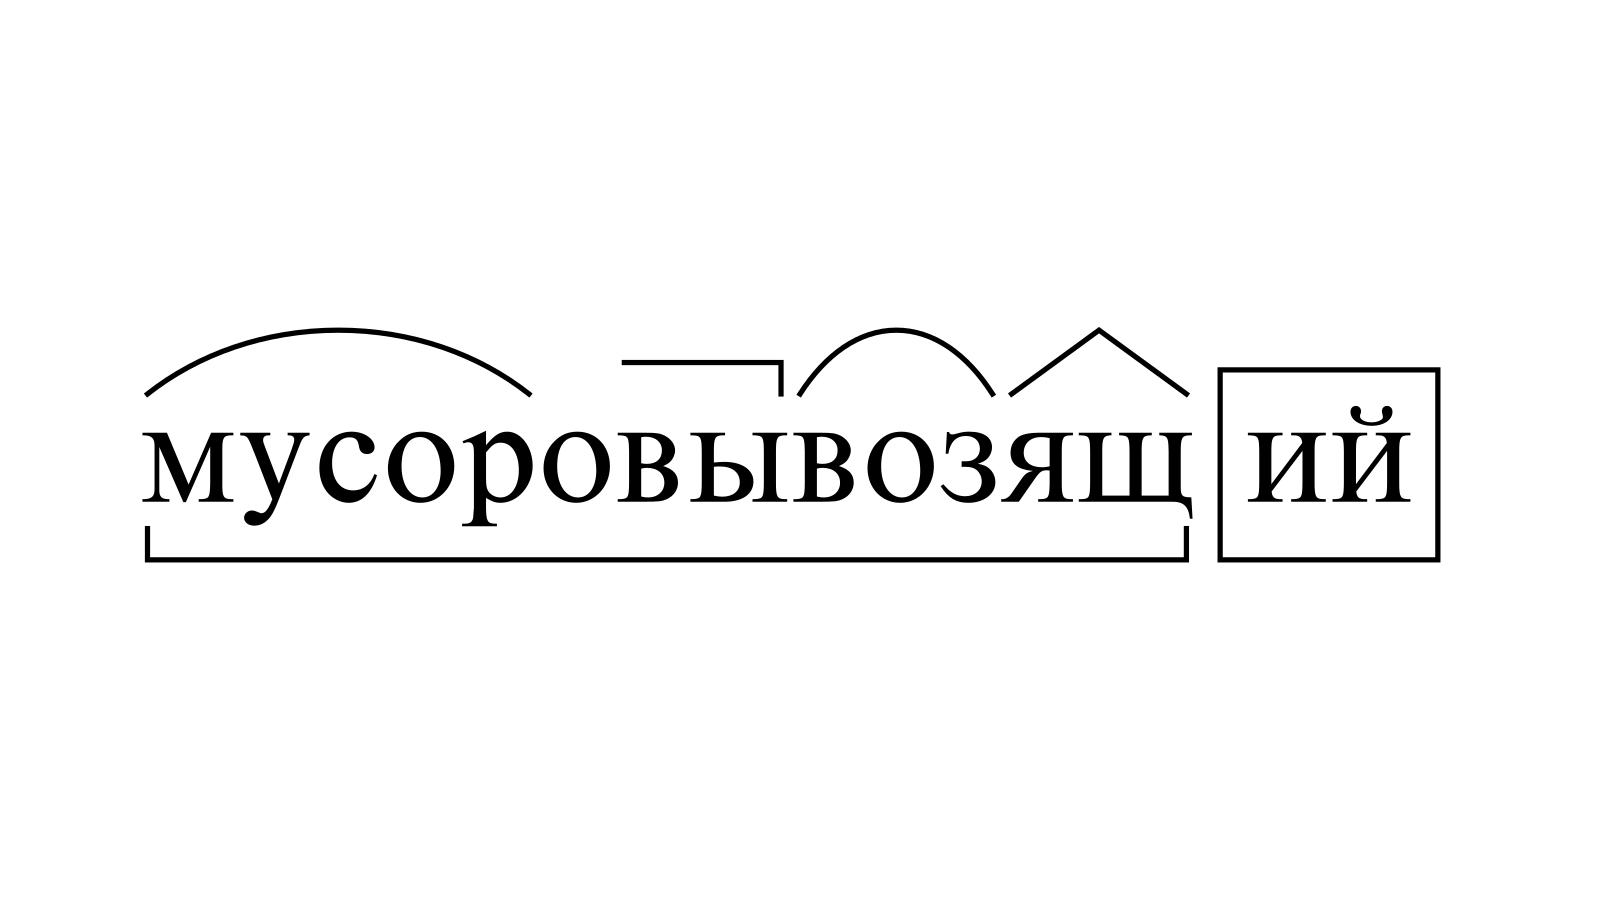 Разбор слова «мусоровывозящий» по составу